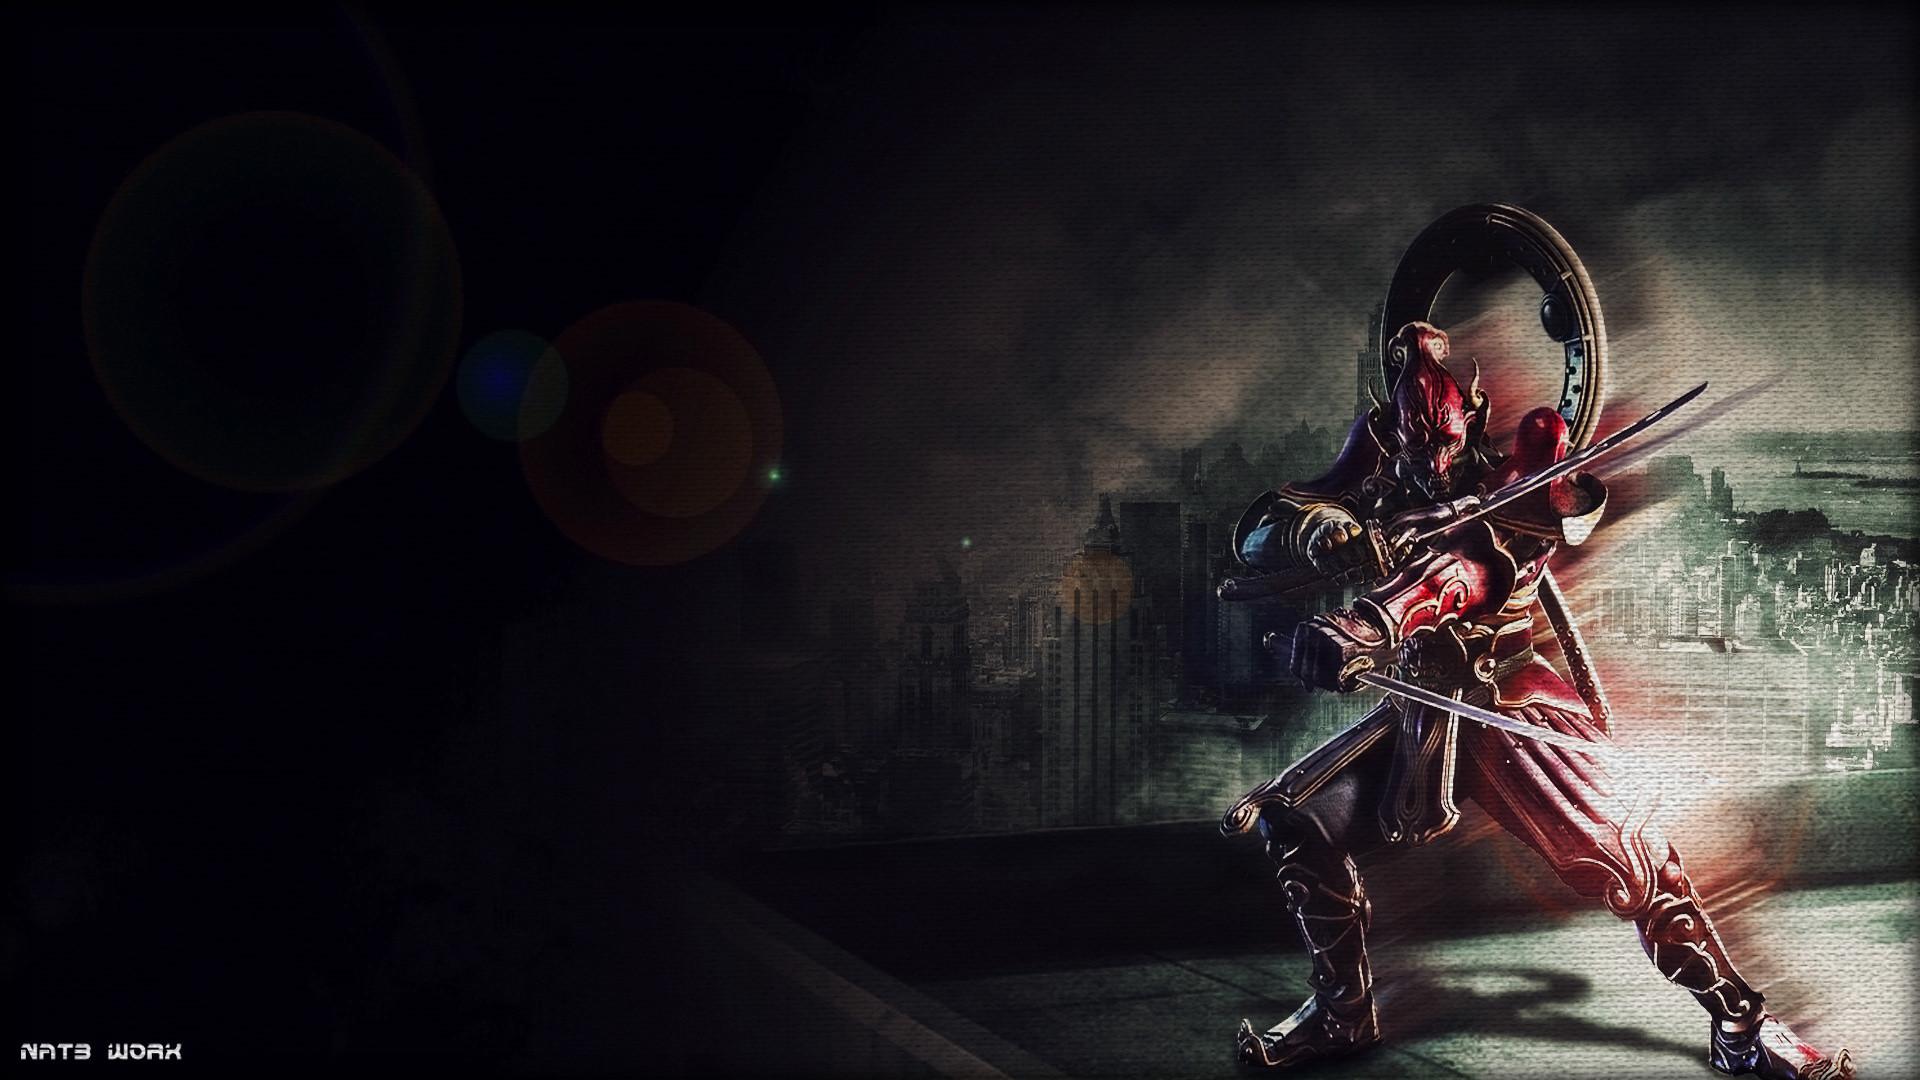 Tekken Wallpapers 58 Pictures